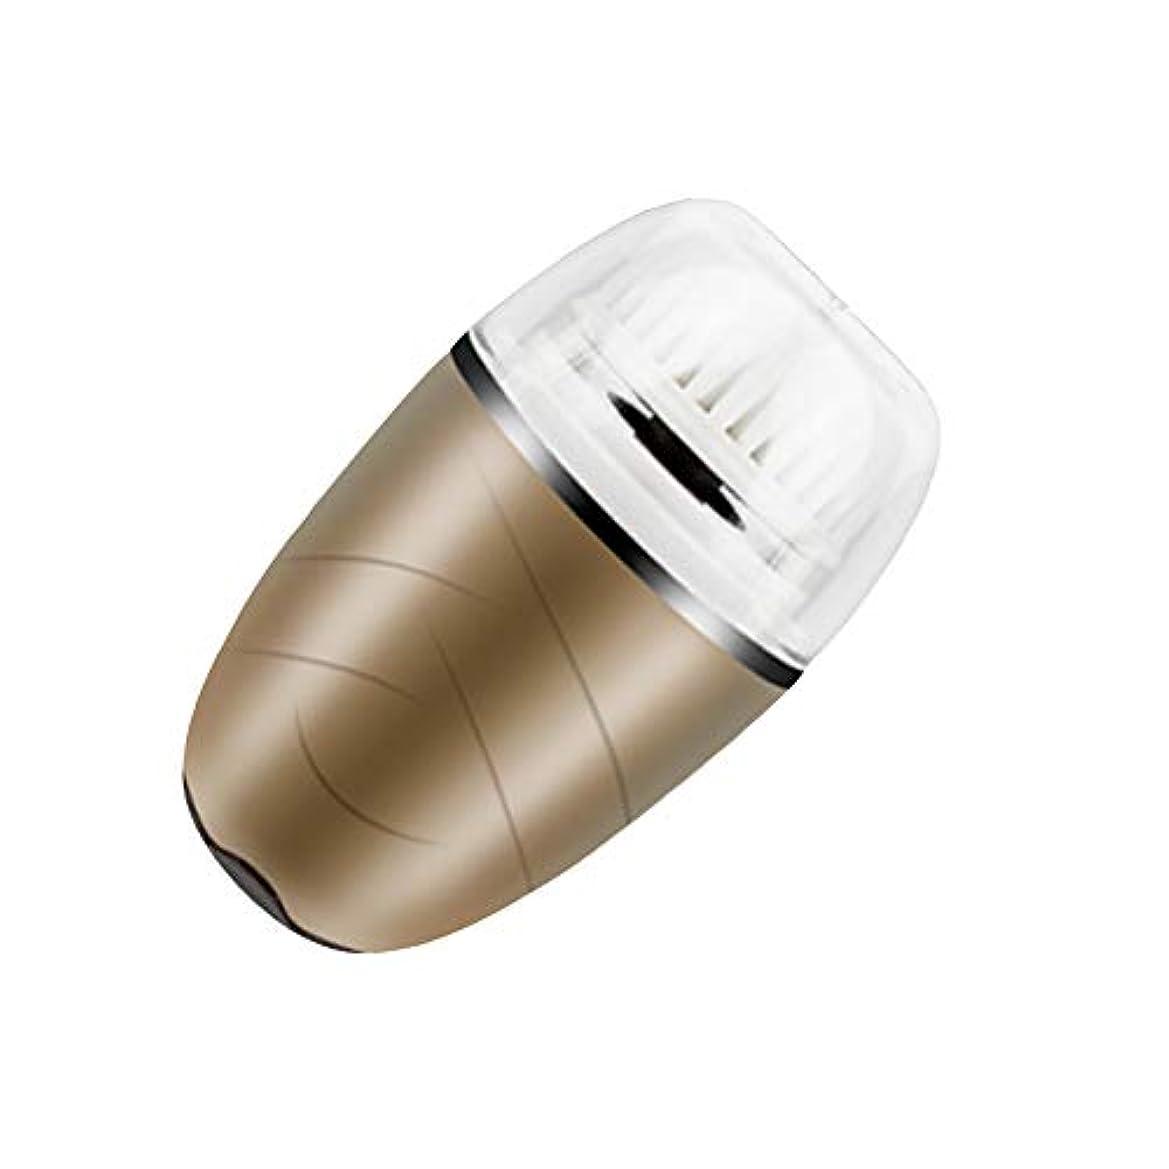 洗顔ブラシ、電動ソニックフェイスブラシ振動顔クレンジングシステム防水ブラシにきびエクスフォリエーター USB 充電式,Gold